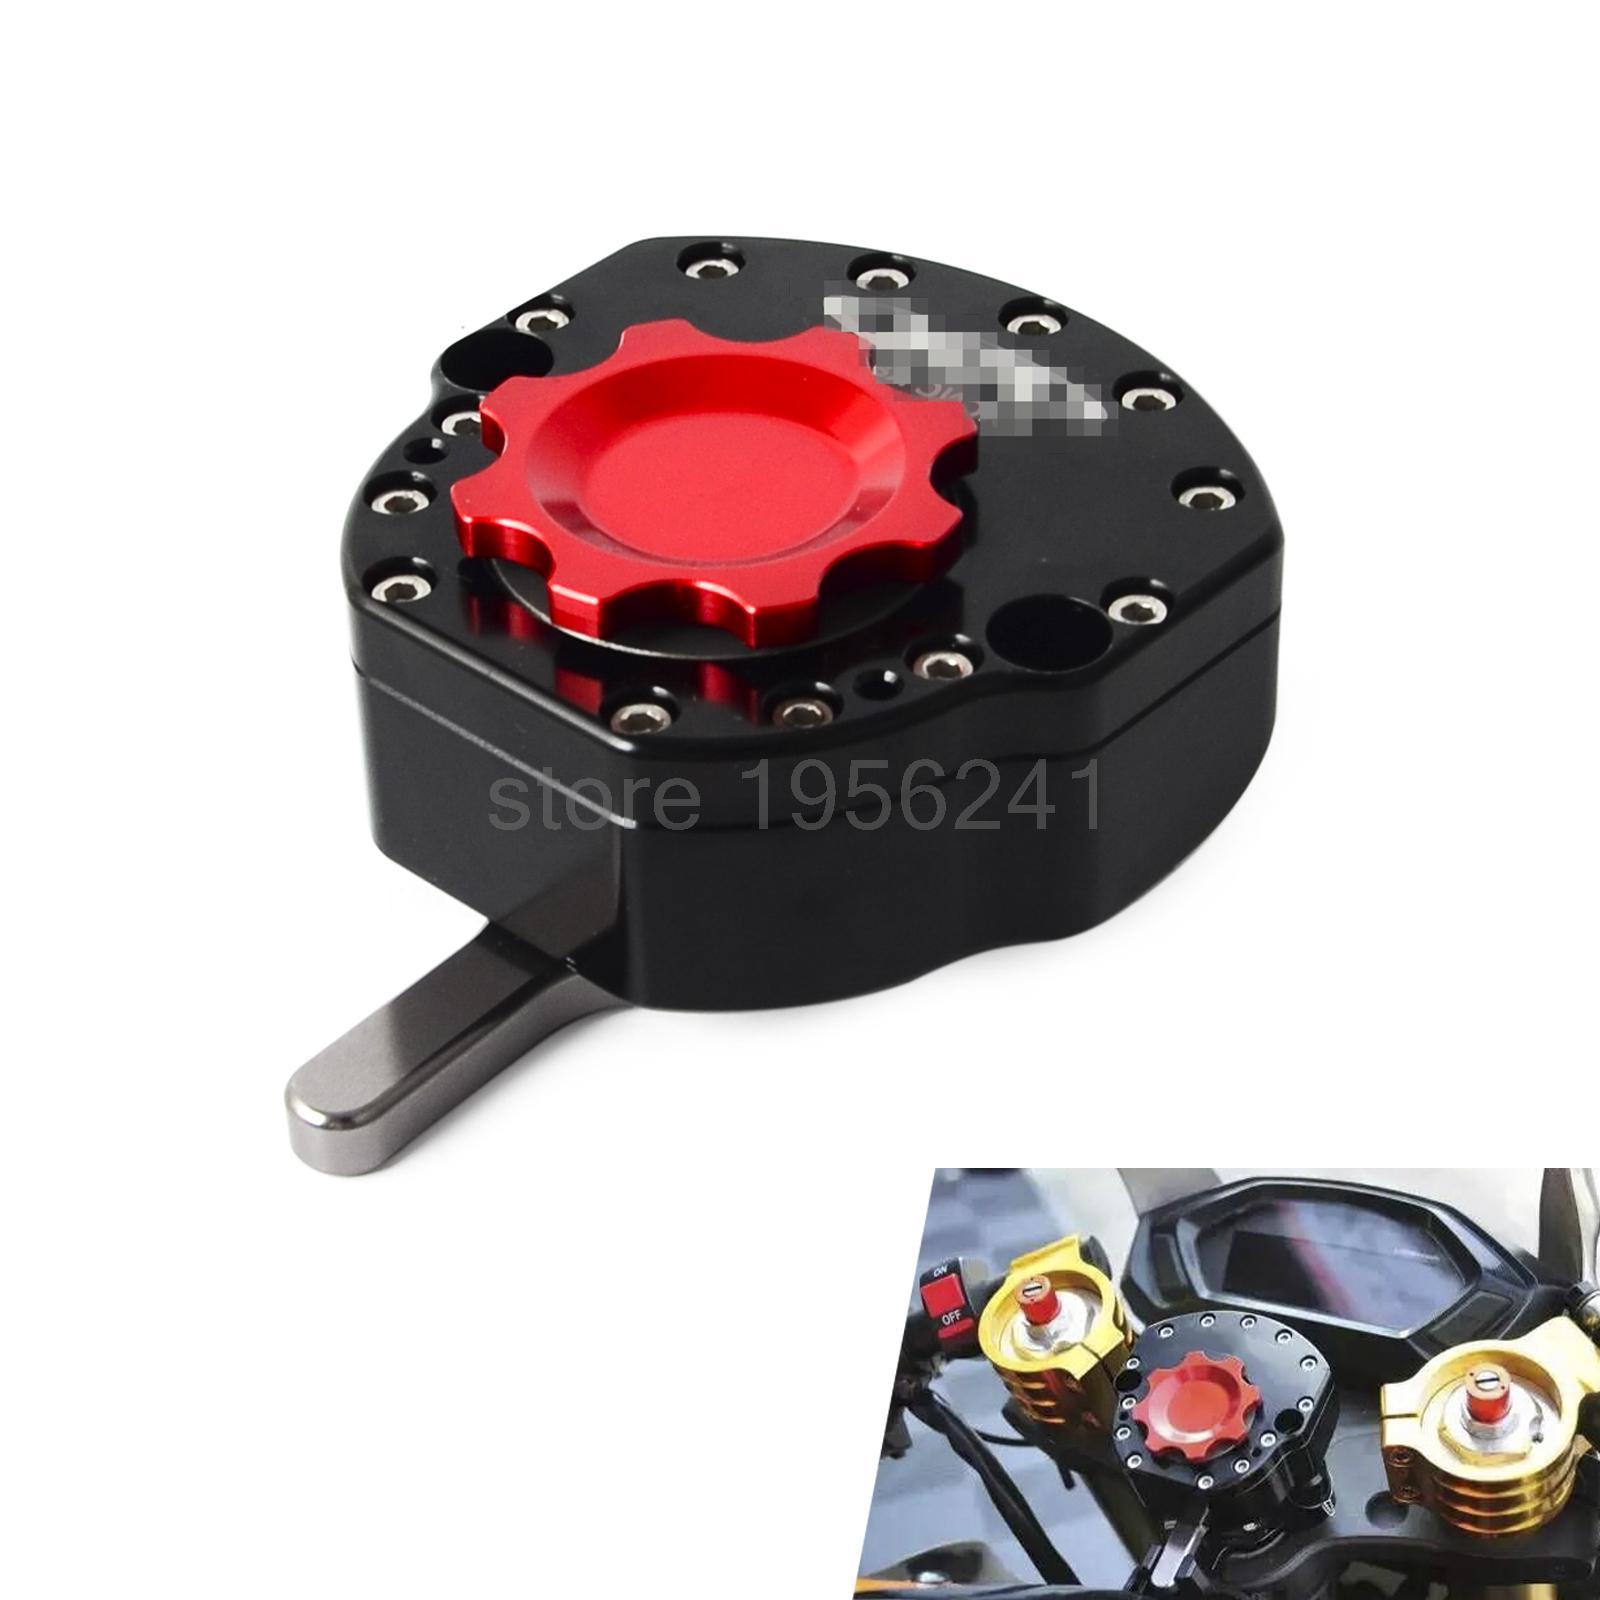 CNC Steering Stabilizer Damper For Suzuki GSXR600 GSX-R600 97-13 GSXR750 GSX-R750 96-13 GSXR1000 GSX-R1000 01-13